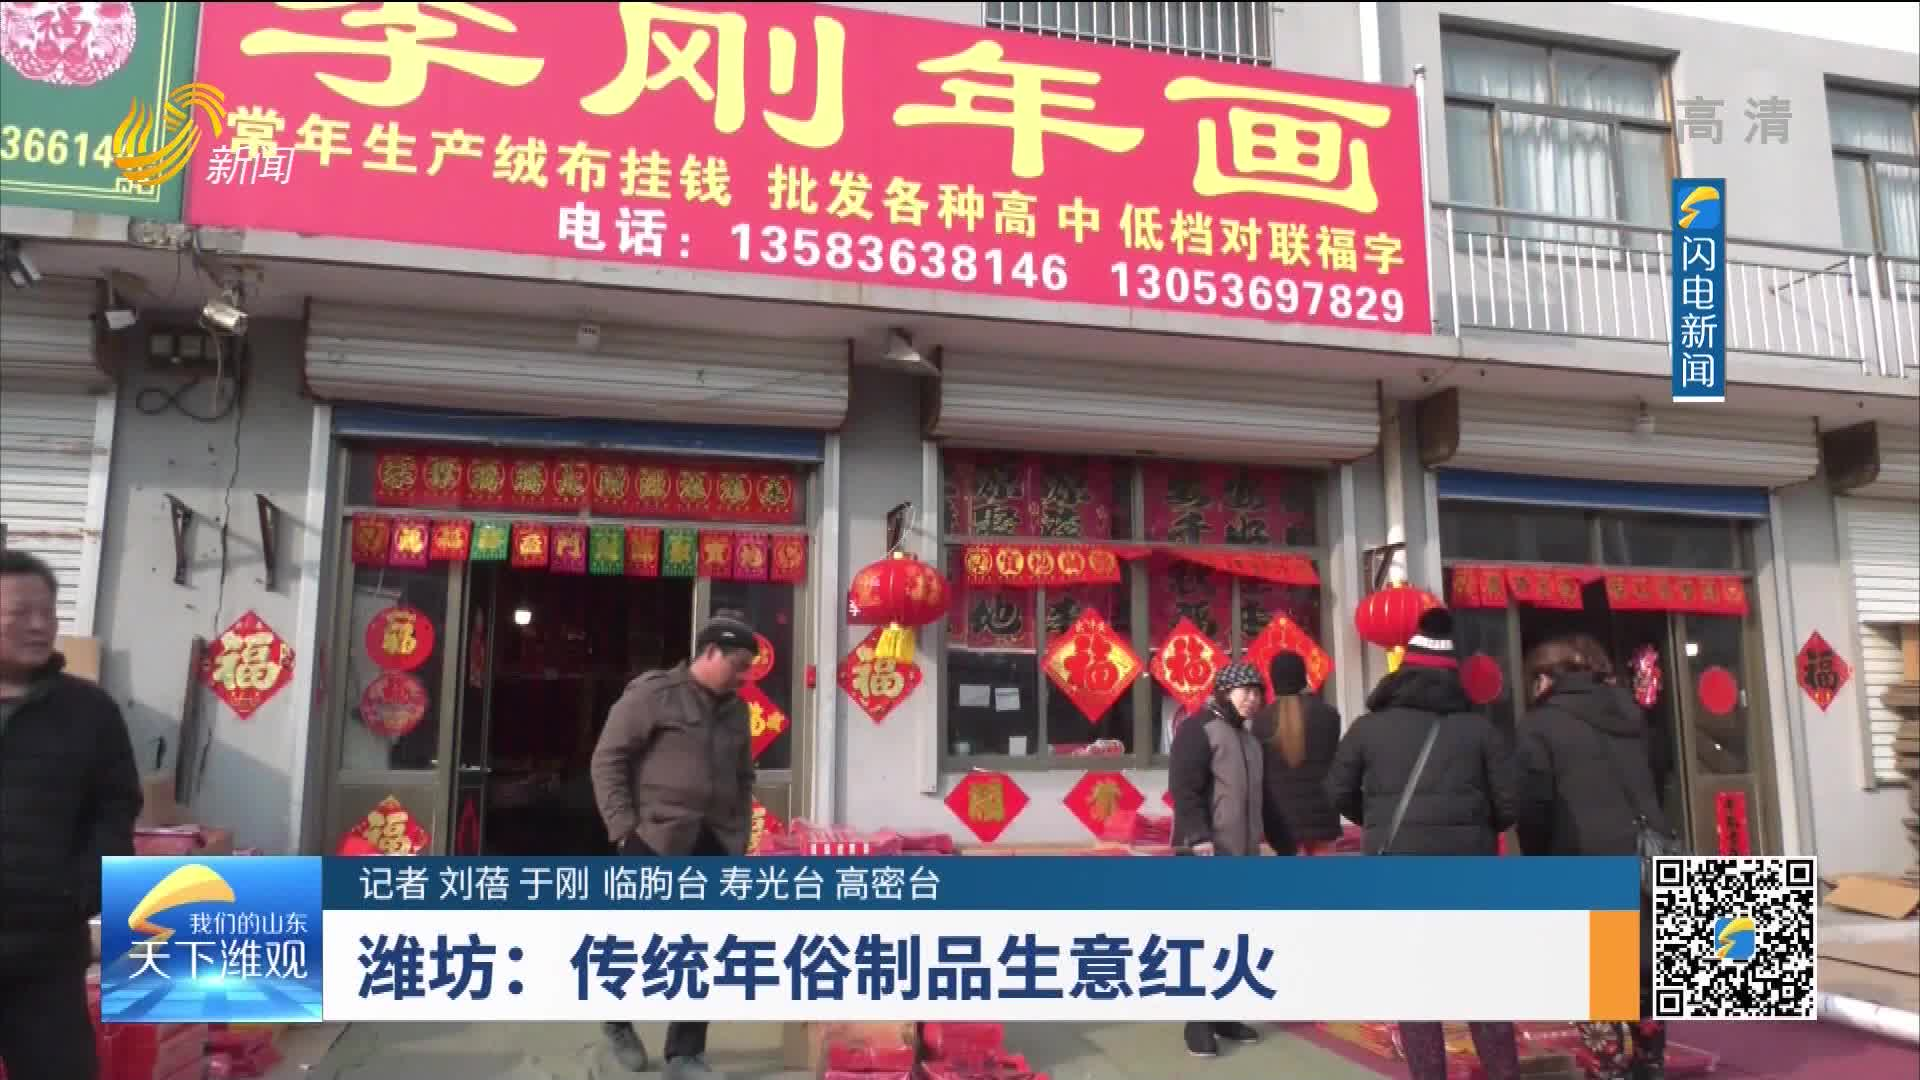 【潍不雅观视点】潍坊:传统年俗制品生意红火